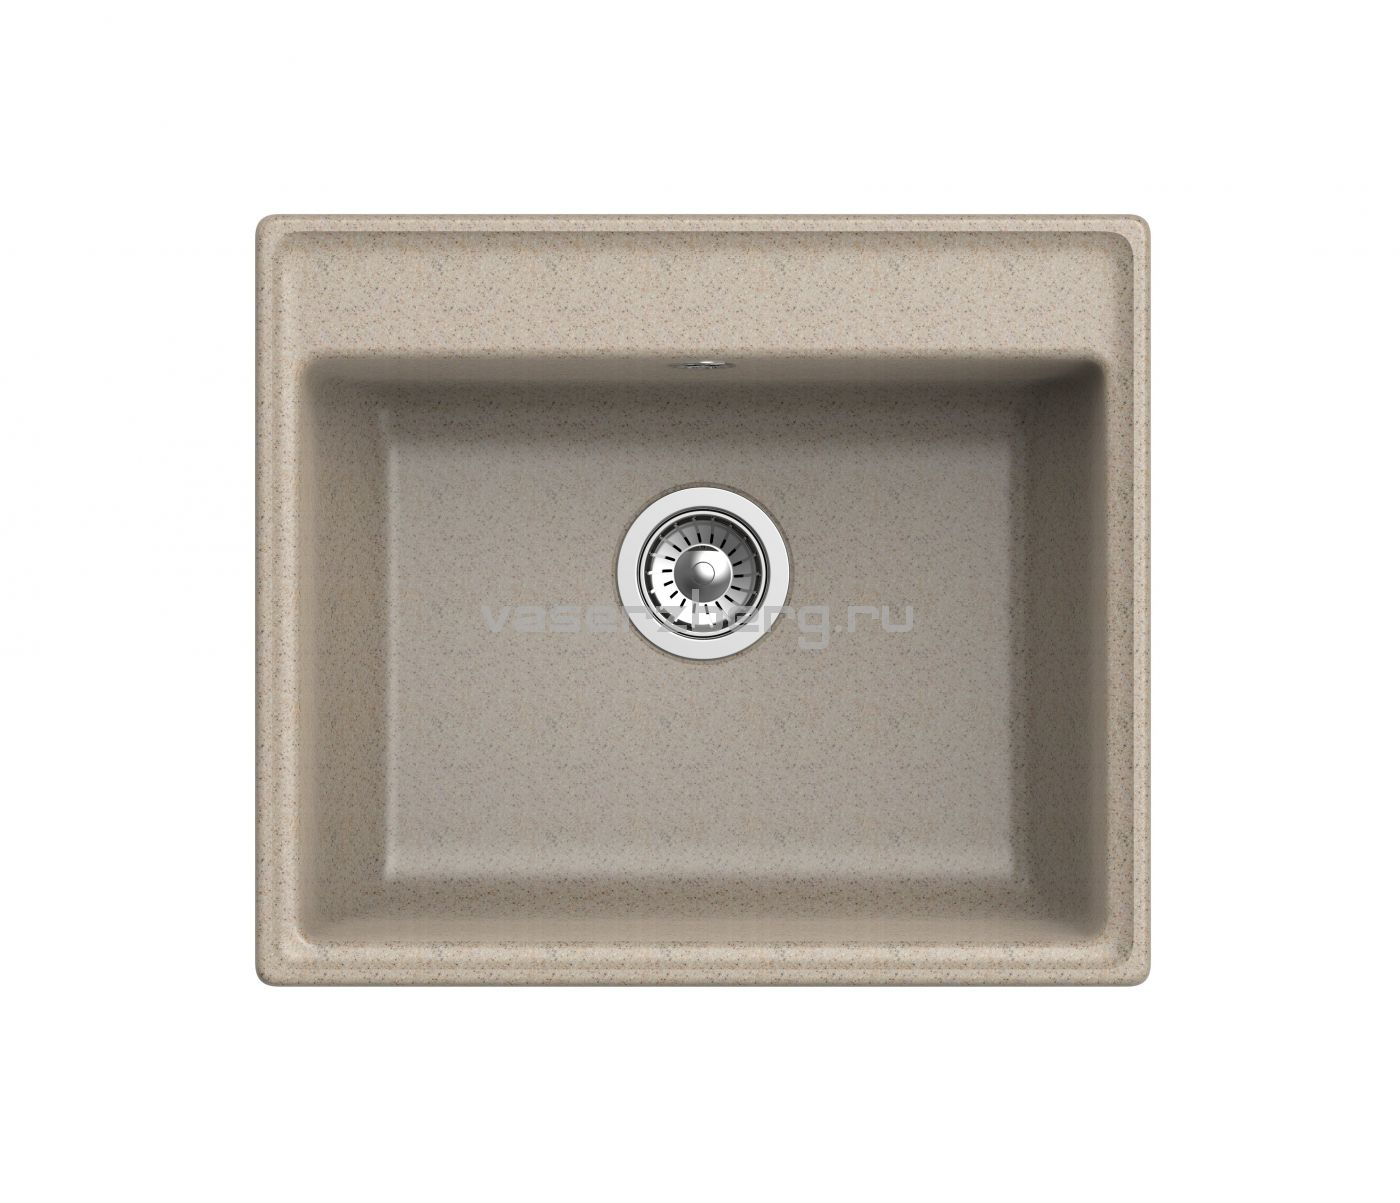 Мраморная мойка для кухни GranFest Vertex GF-V580 Песочный